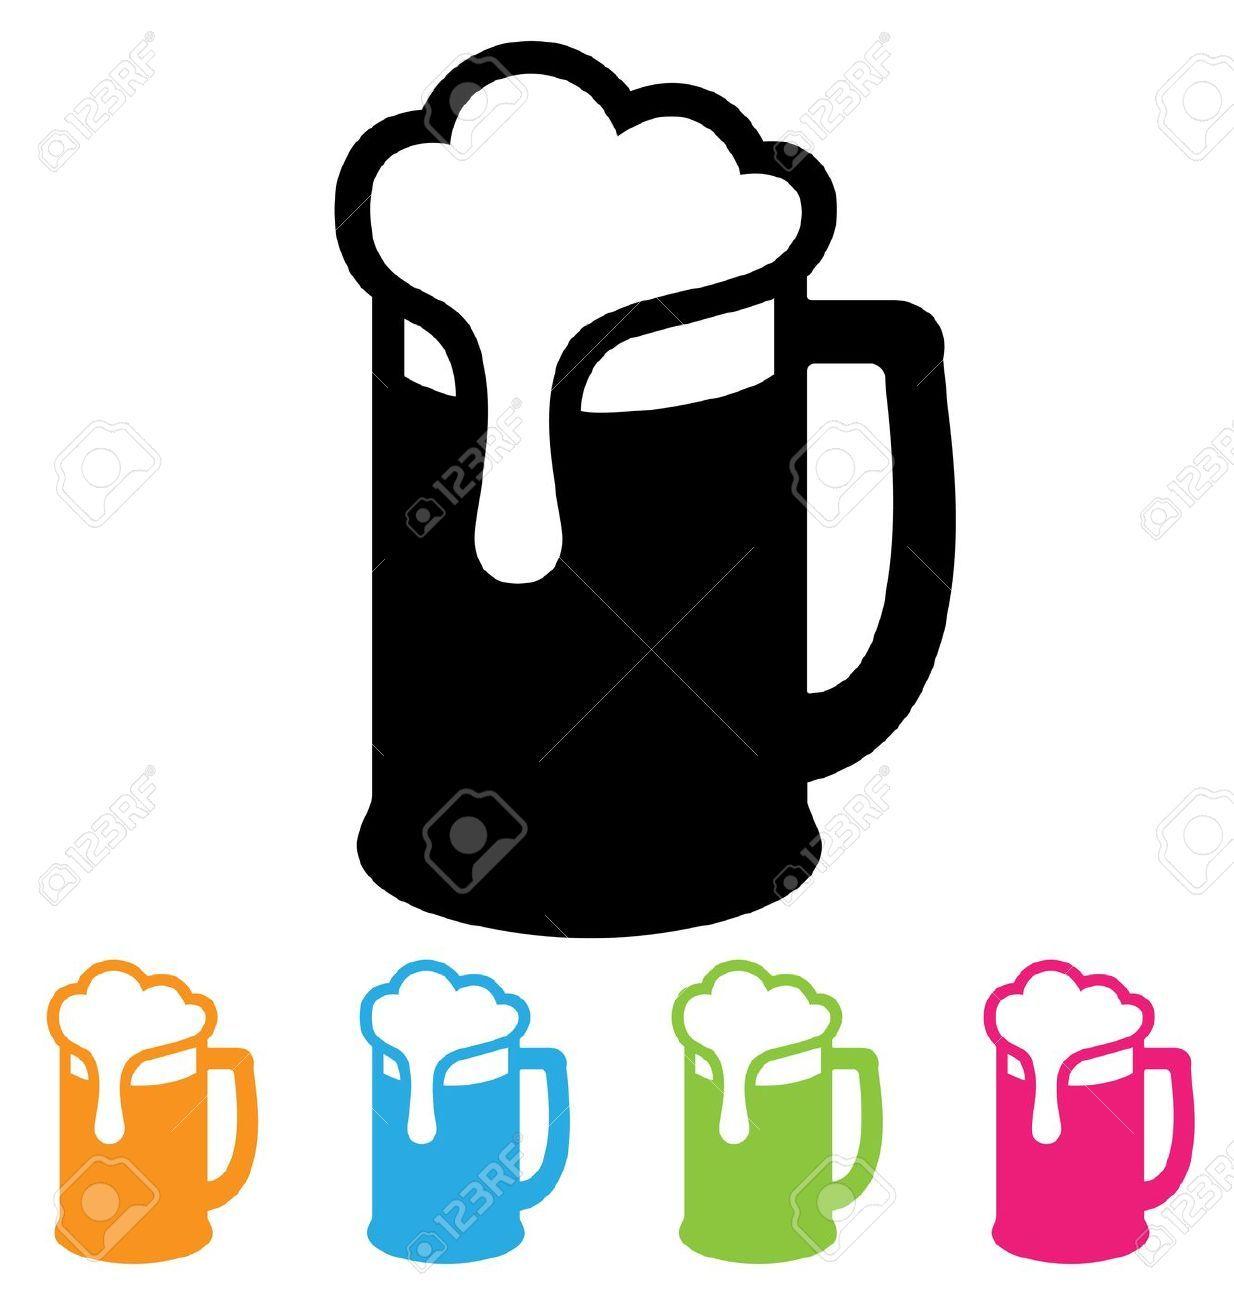 Beer Mug Cliparts, Stock Vector And Royalty Free Beer Mug.